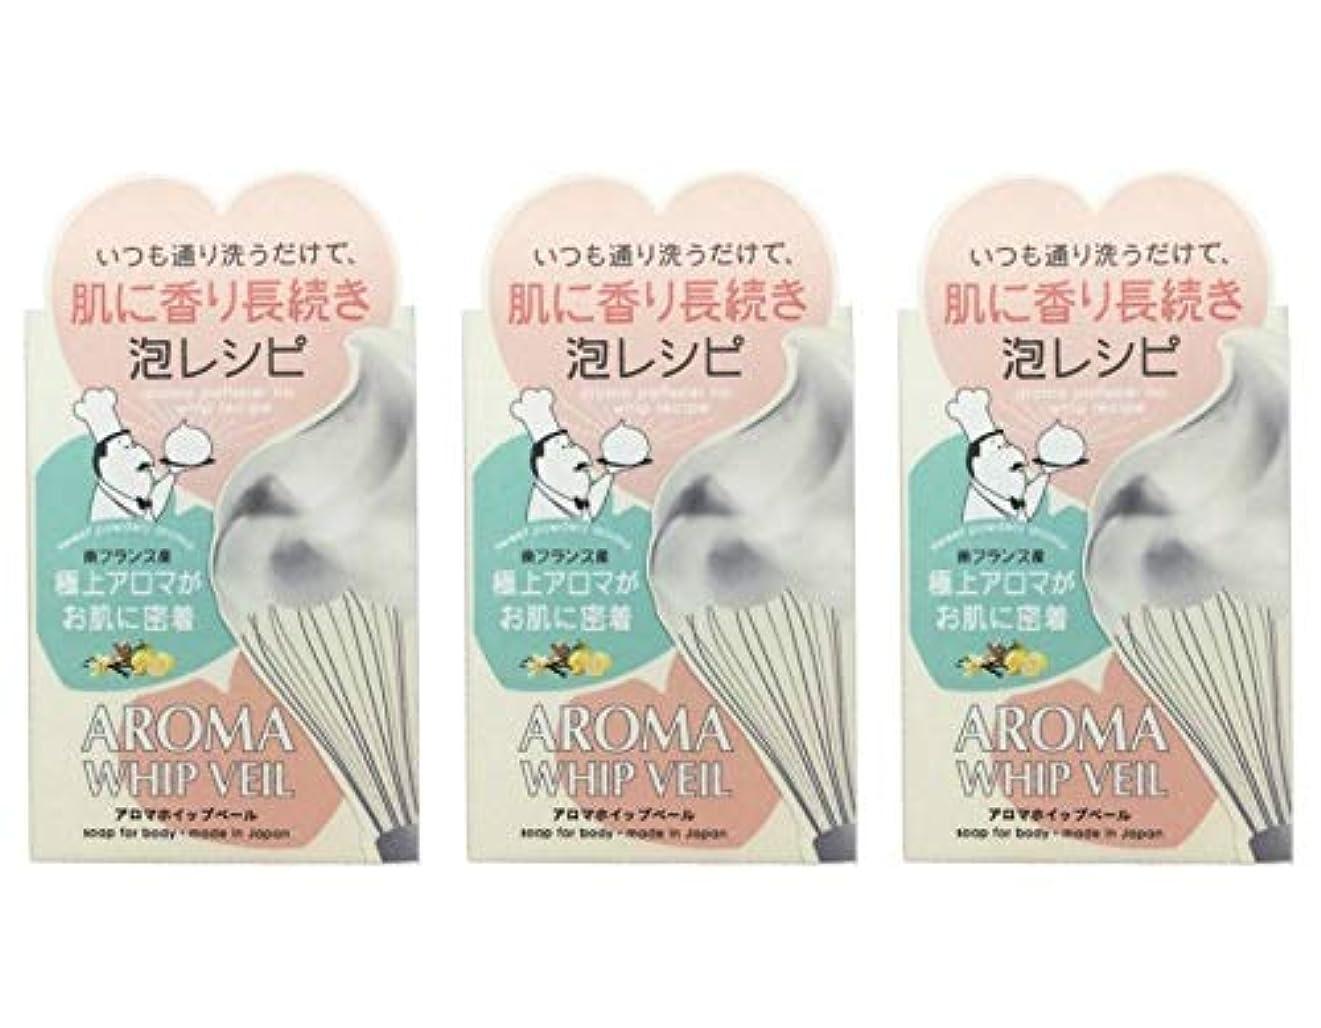 反抗春備品【3個セット】ペリカン石鹸 アロマホイップベール石鹸 100g【3個セット】